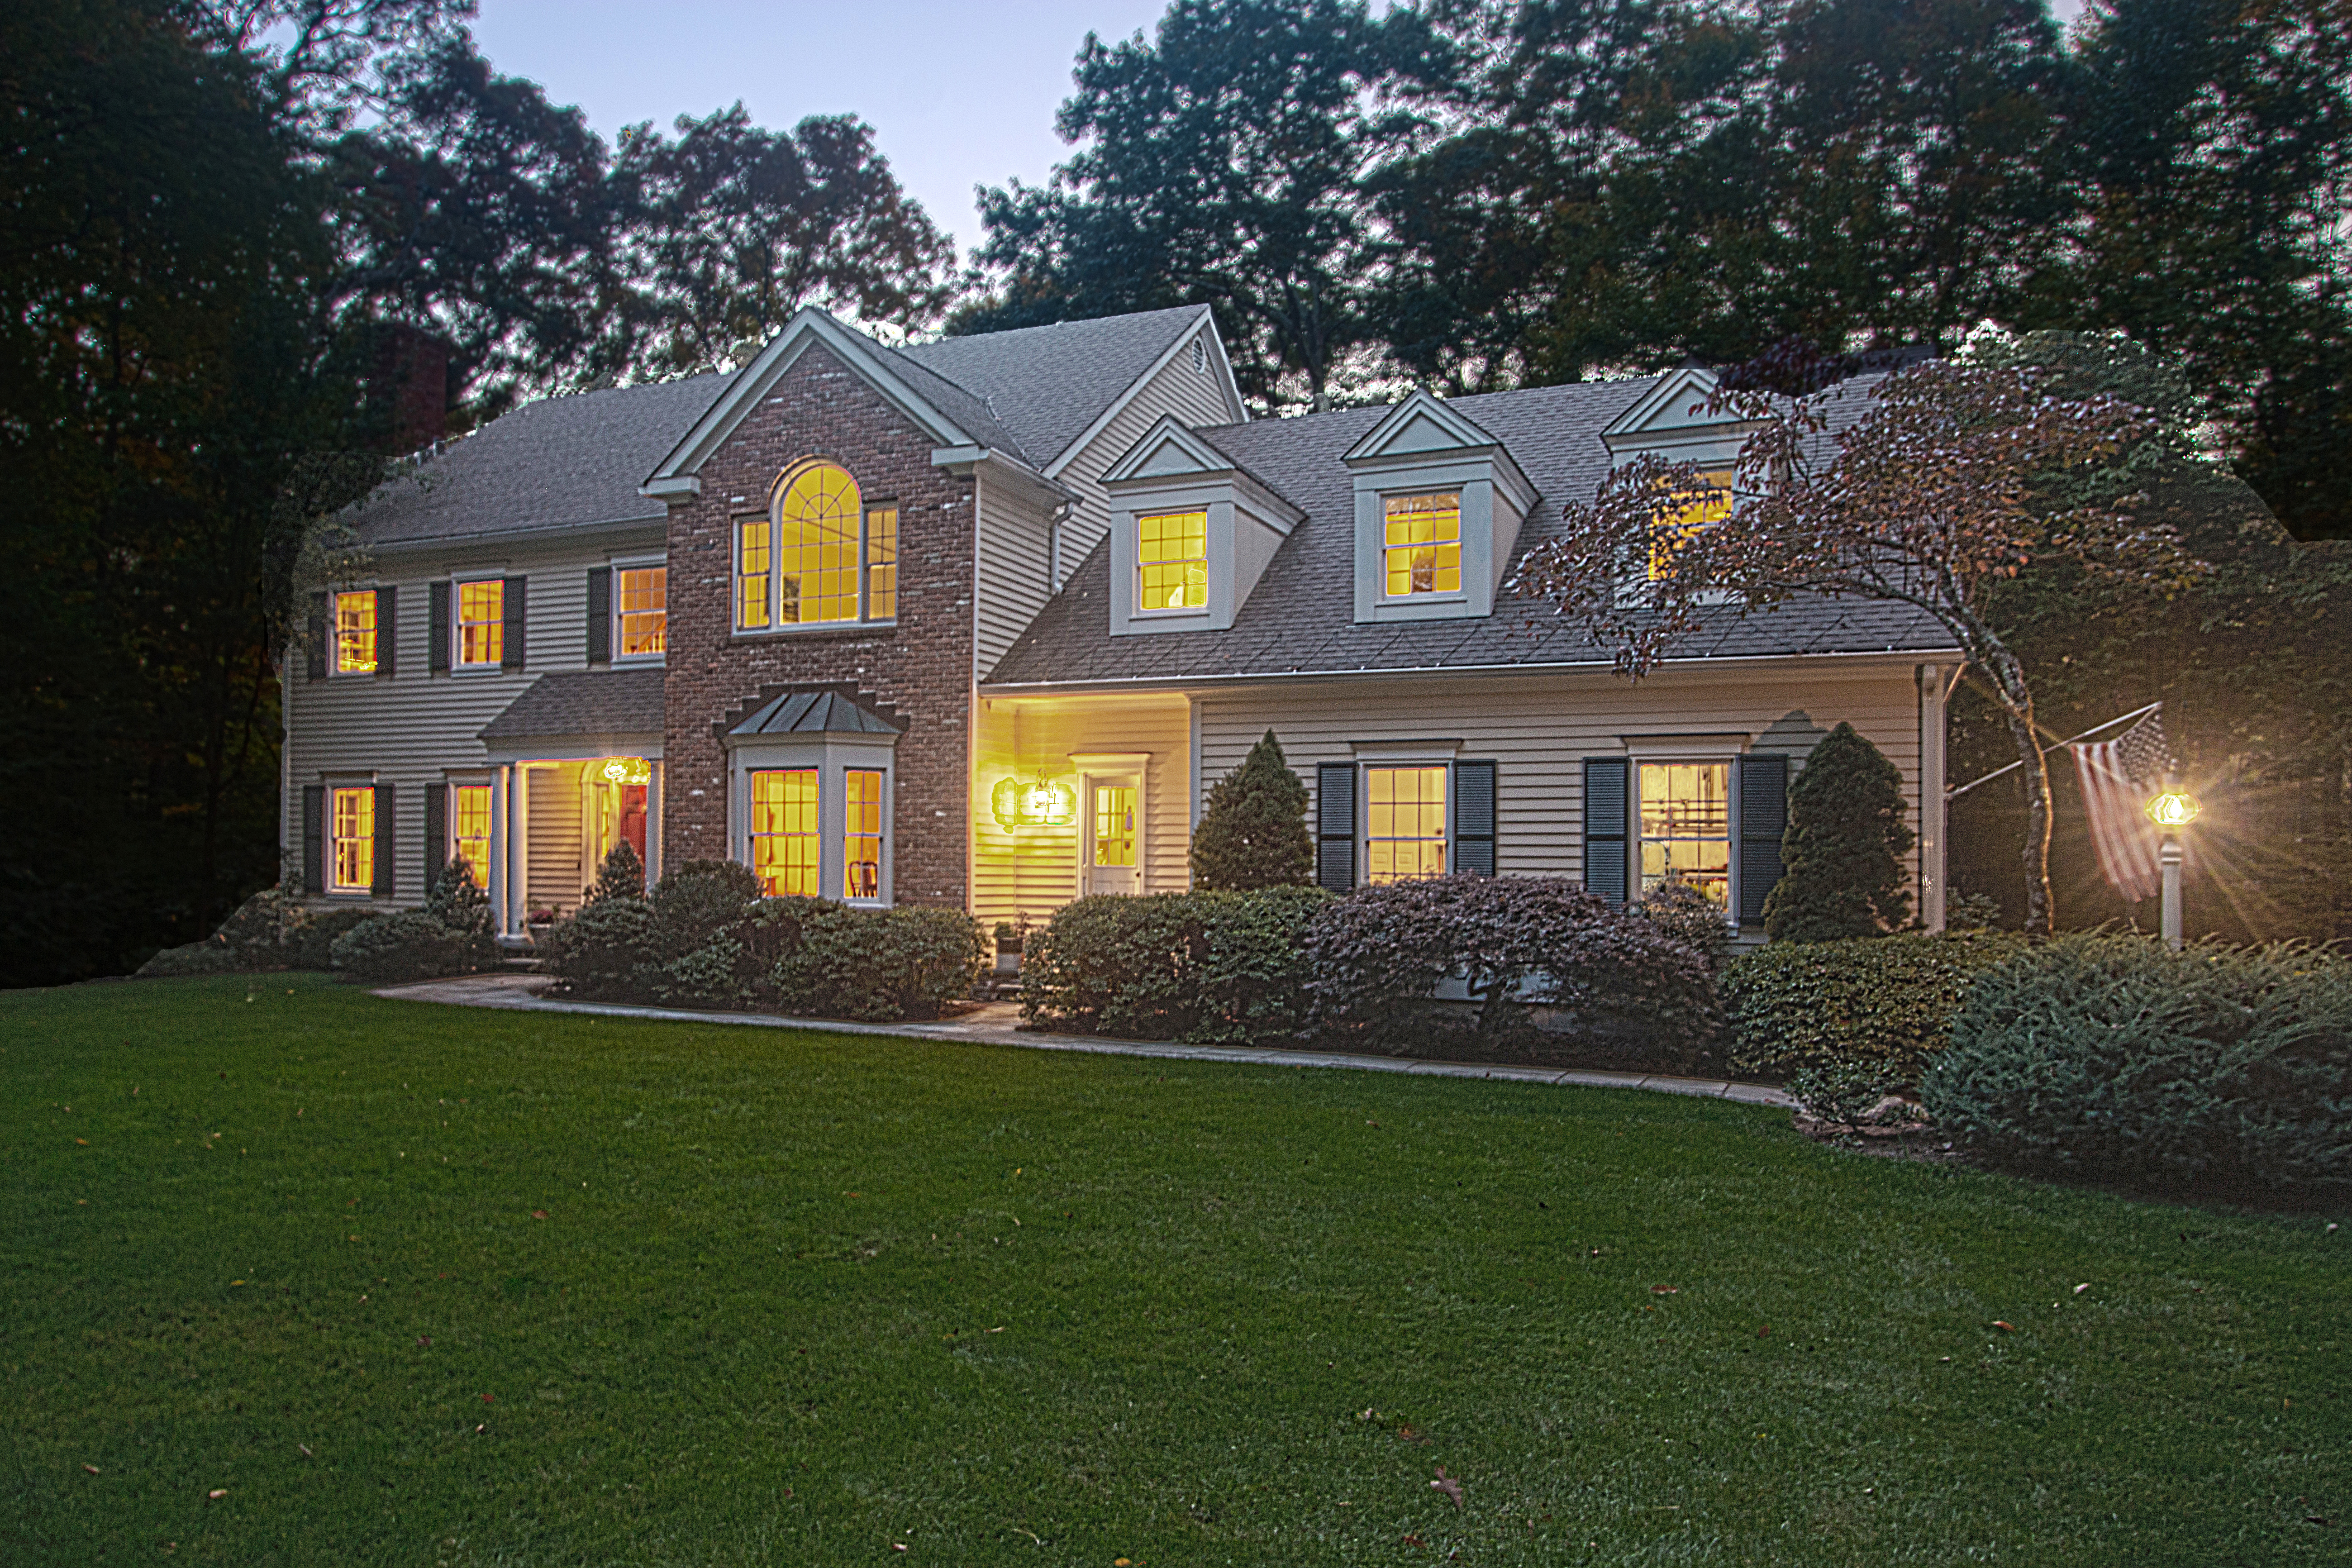 Maison unifamiliale pour l Vente à Country Haven 38 Breeds Hill Road Wilton, Connecticut, 06897 États-Unis